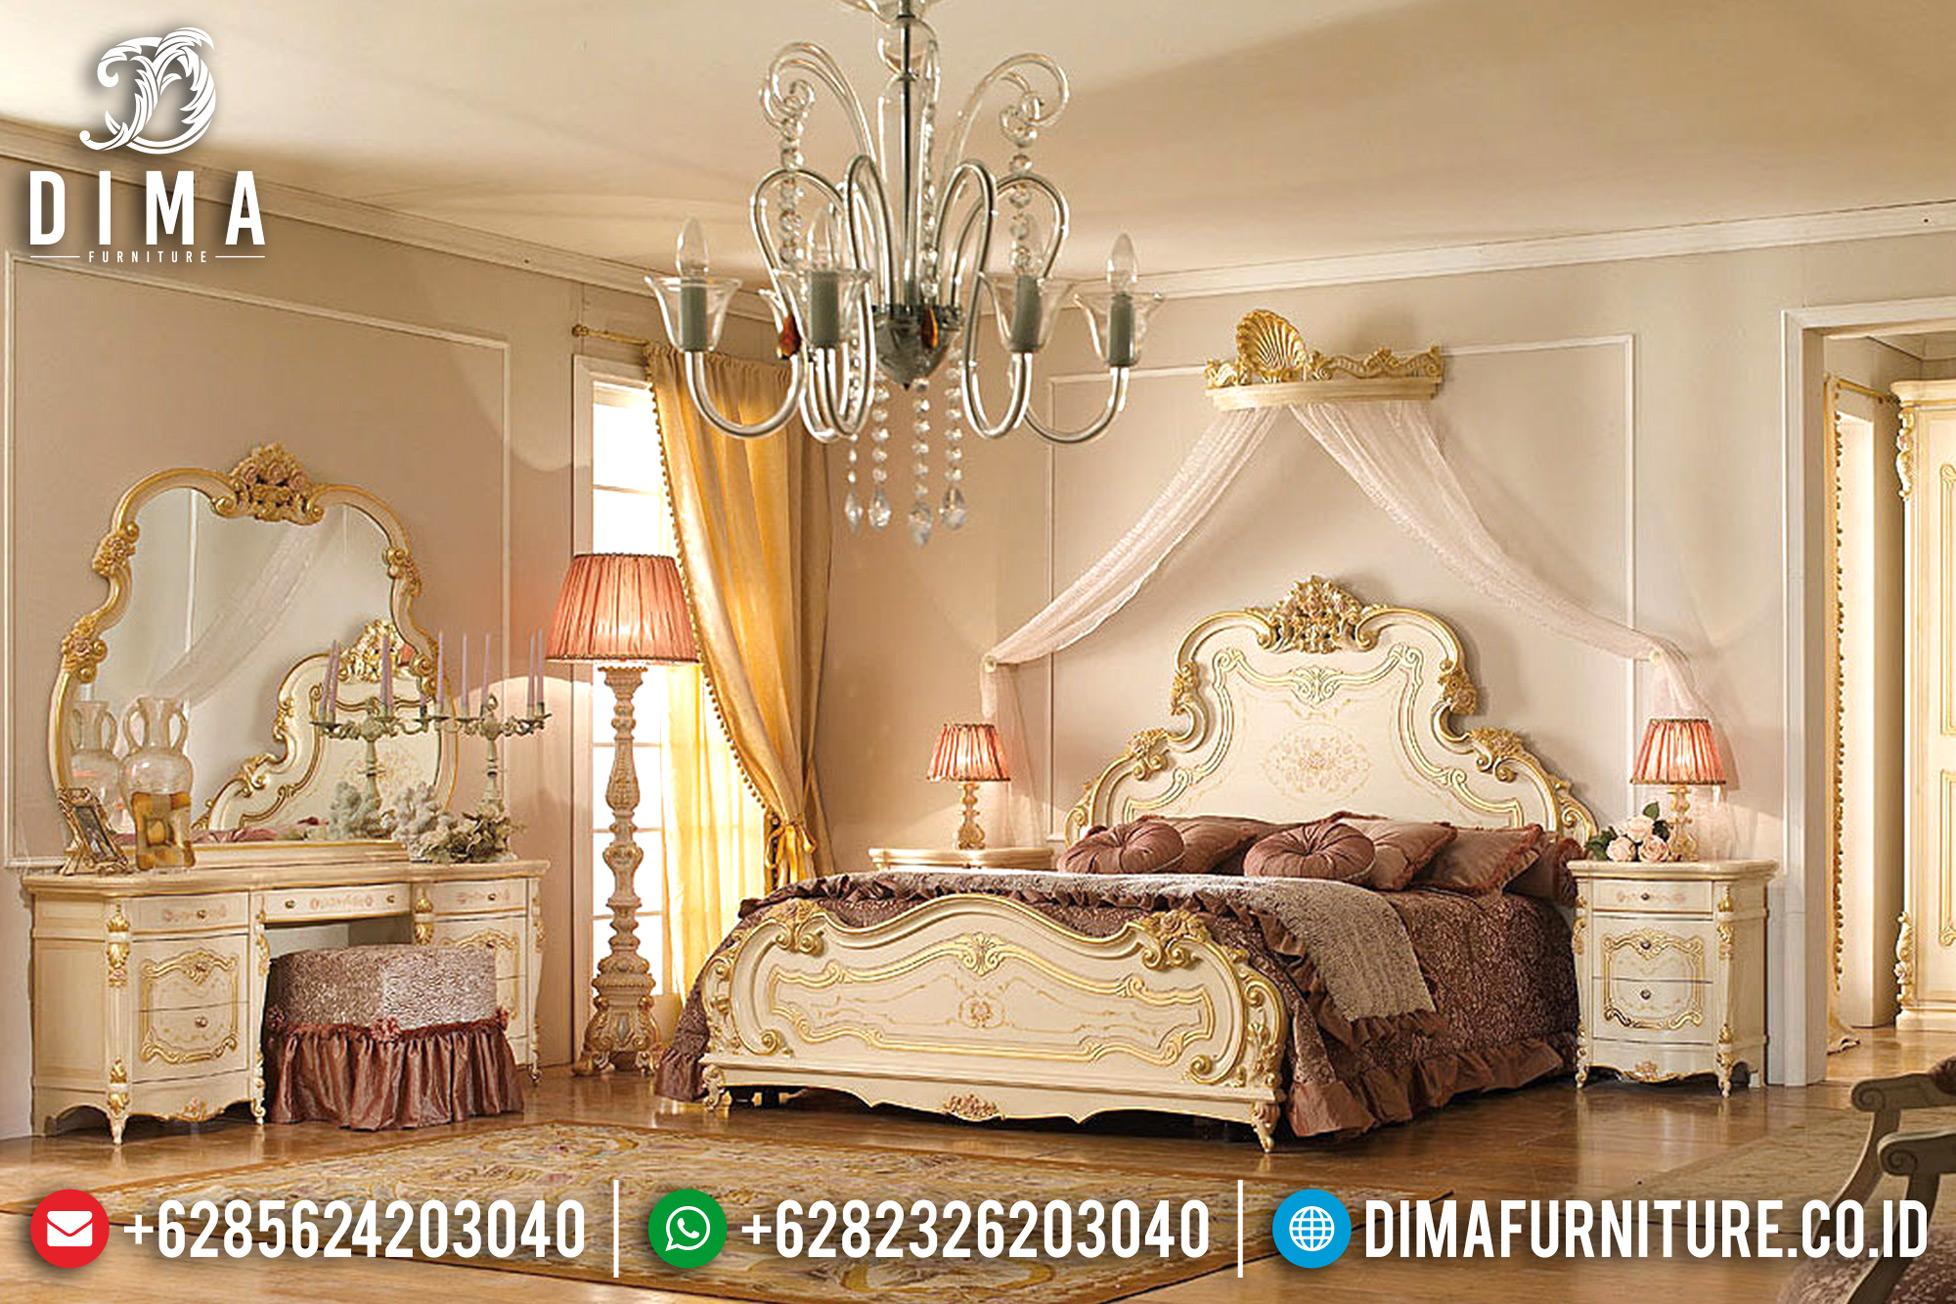 Furniture Indonesia Sale, Tempat Tidur Jepara Mewah, Dipan Klasik Duco Mm-0373